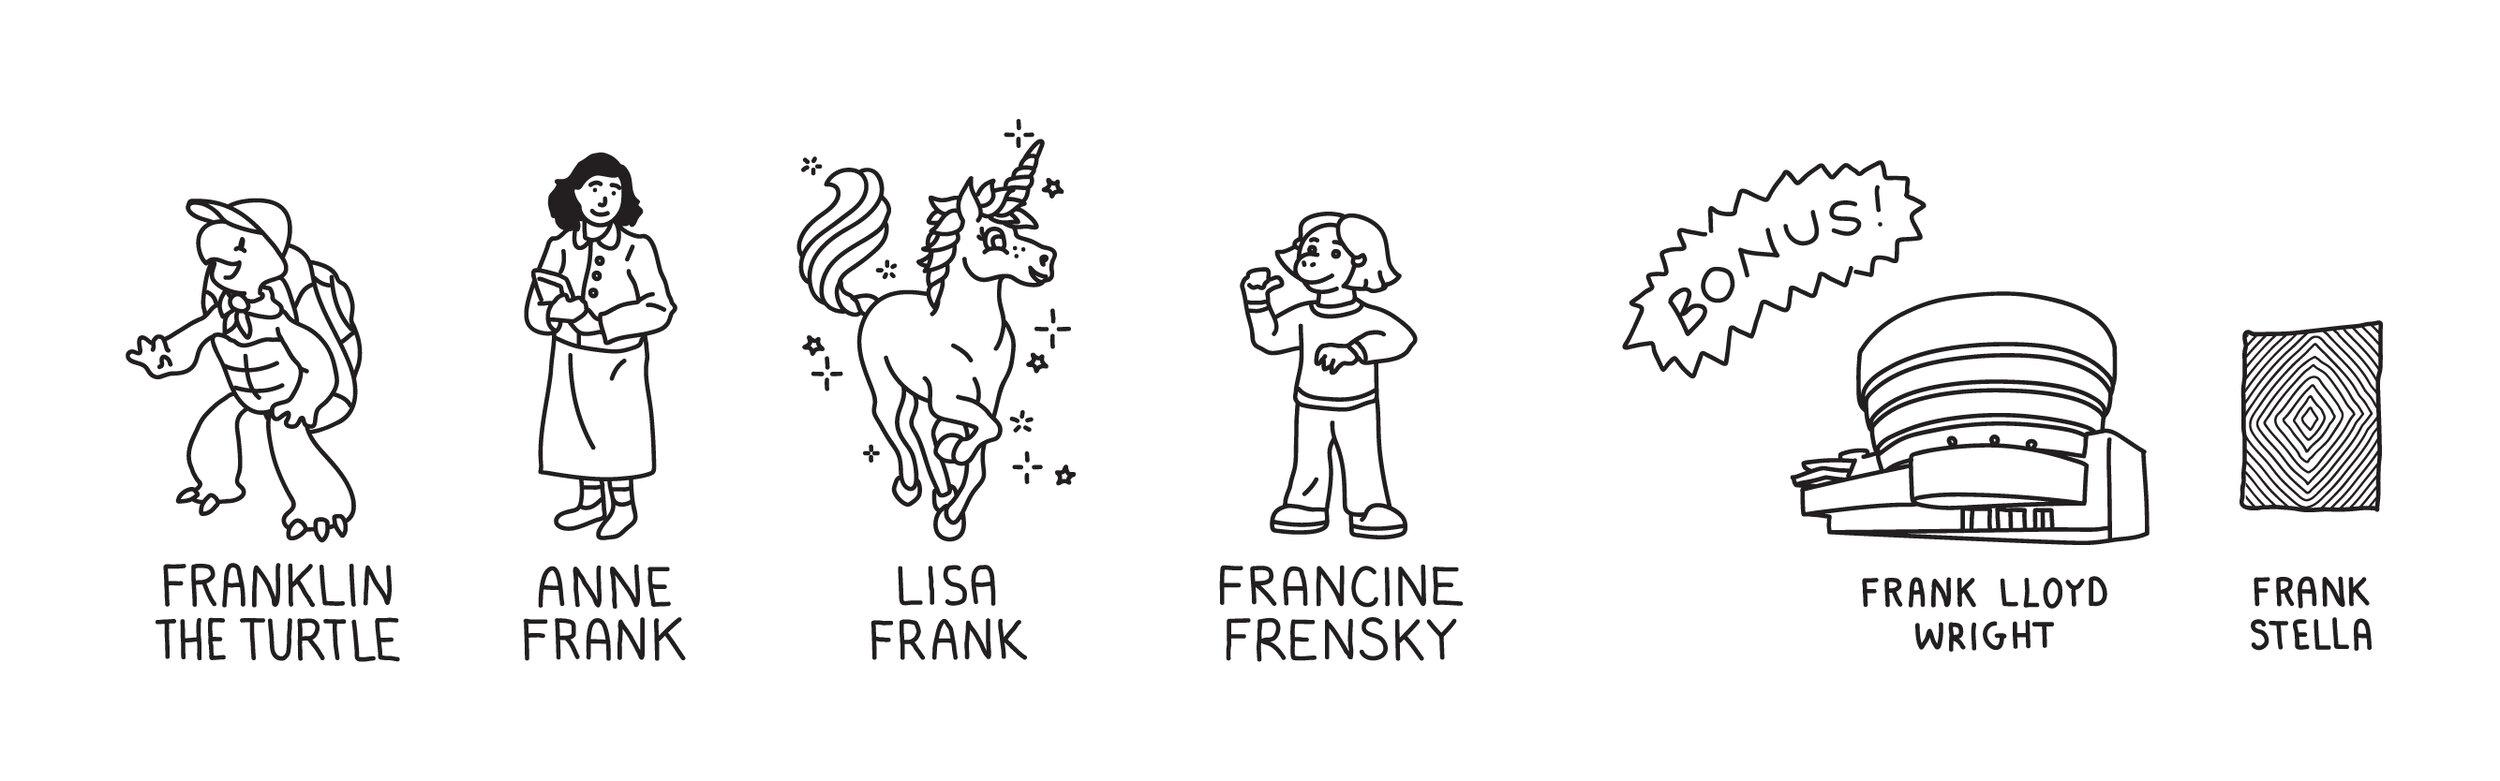 FindFrank-Highlights_CastB.jpg